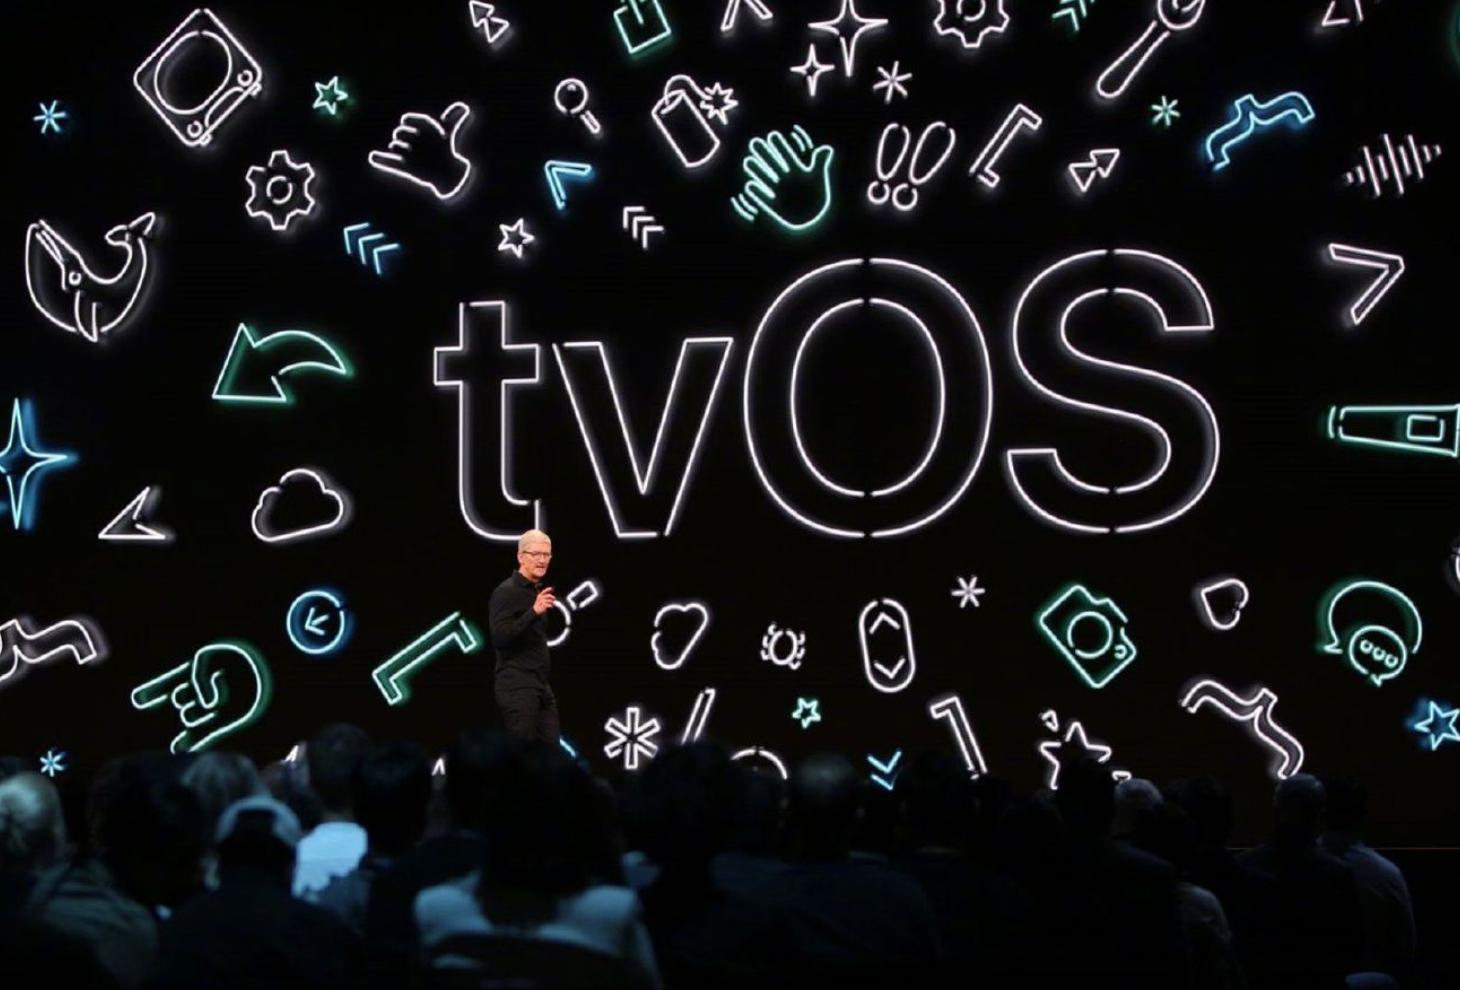 一文看懂苹果WWDC19大会 产品线操作系统全面升级的照片 - 2